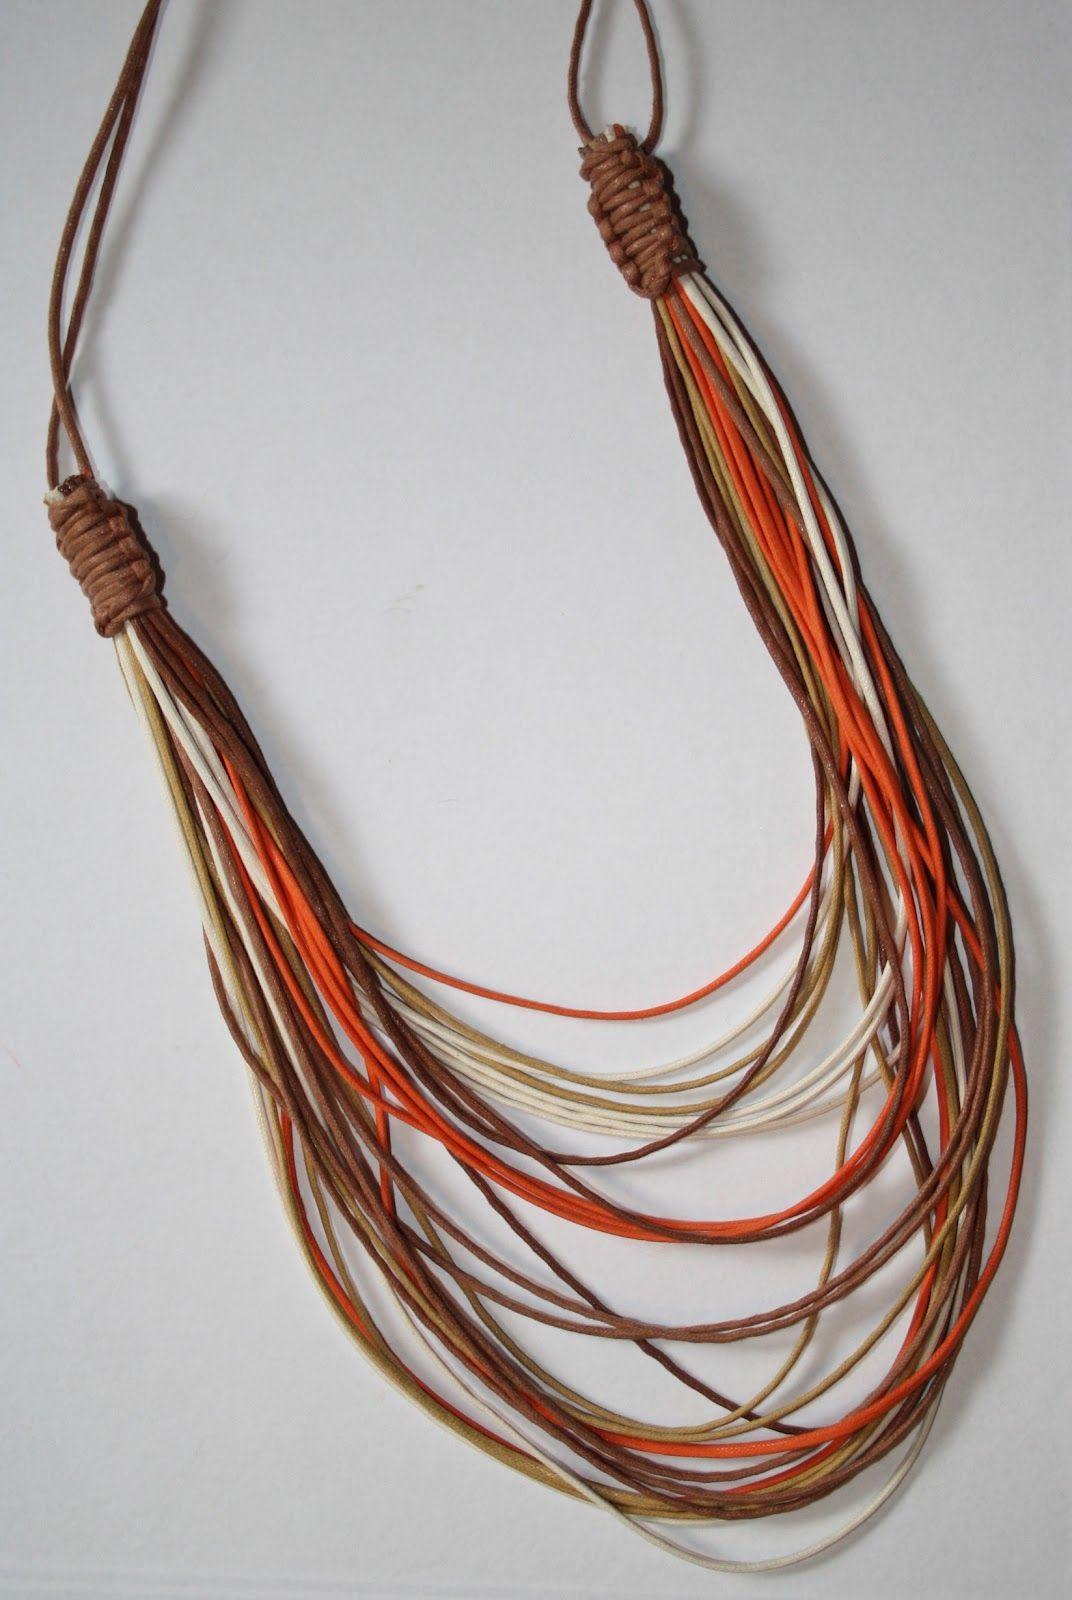 Colar Cordoes Jpg 1072 1600 Com Imagens Colares Artesanais